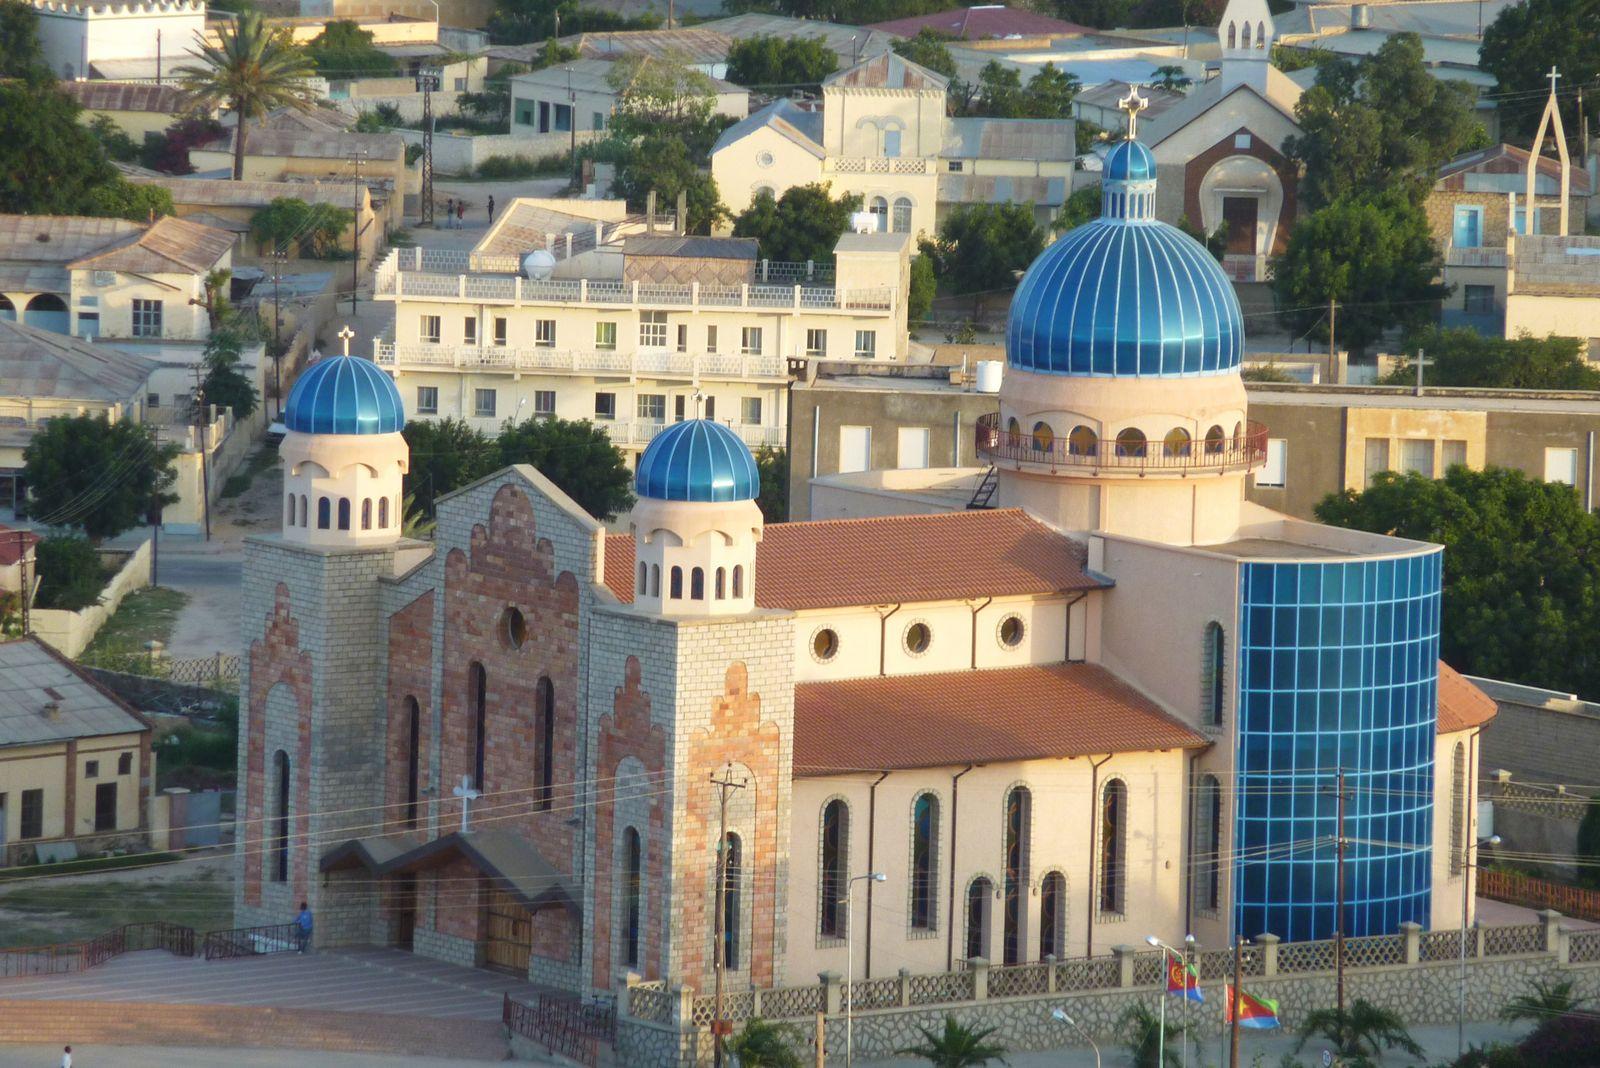 Nouvelle église catholique, Keren